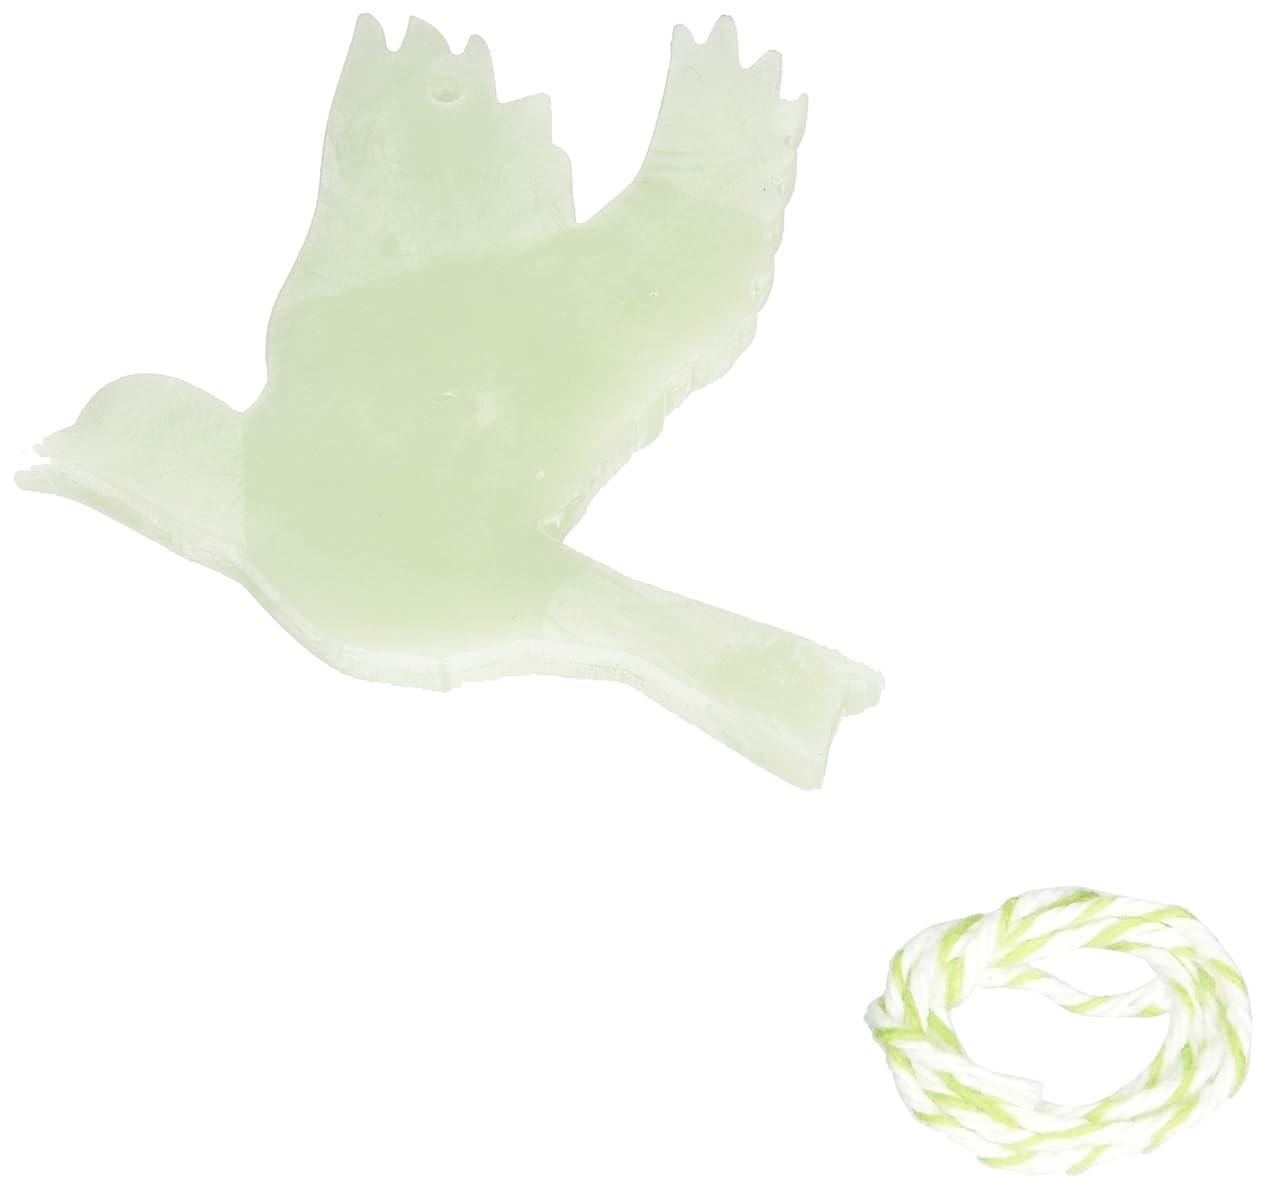 極めて重要な平行束GRASSE TOKYO AROMATICWAXチャーム「ハト」(GR) レモングラス アロマティックワックス グラーストウキョウ